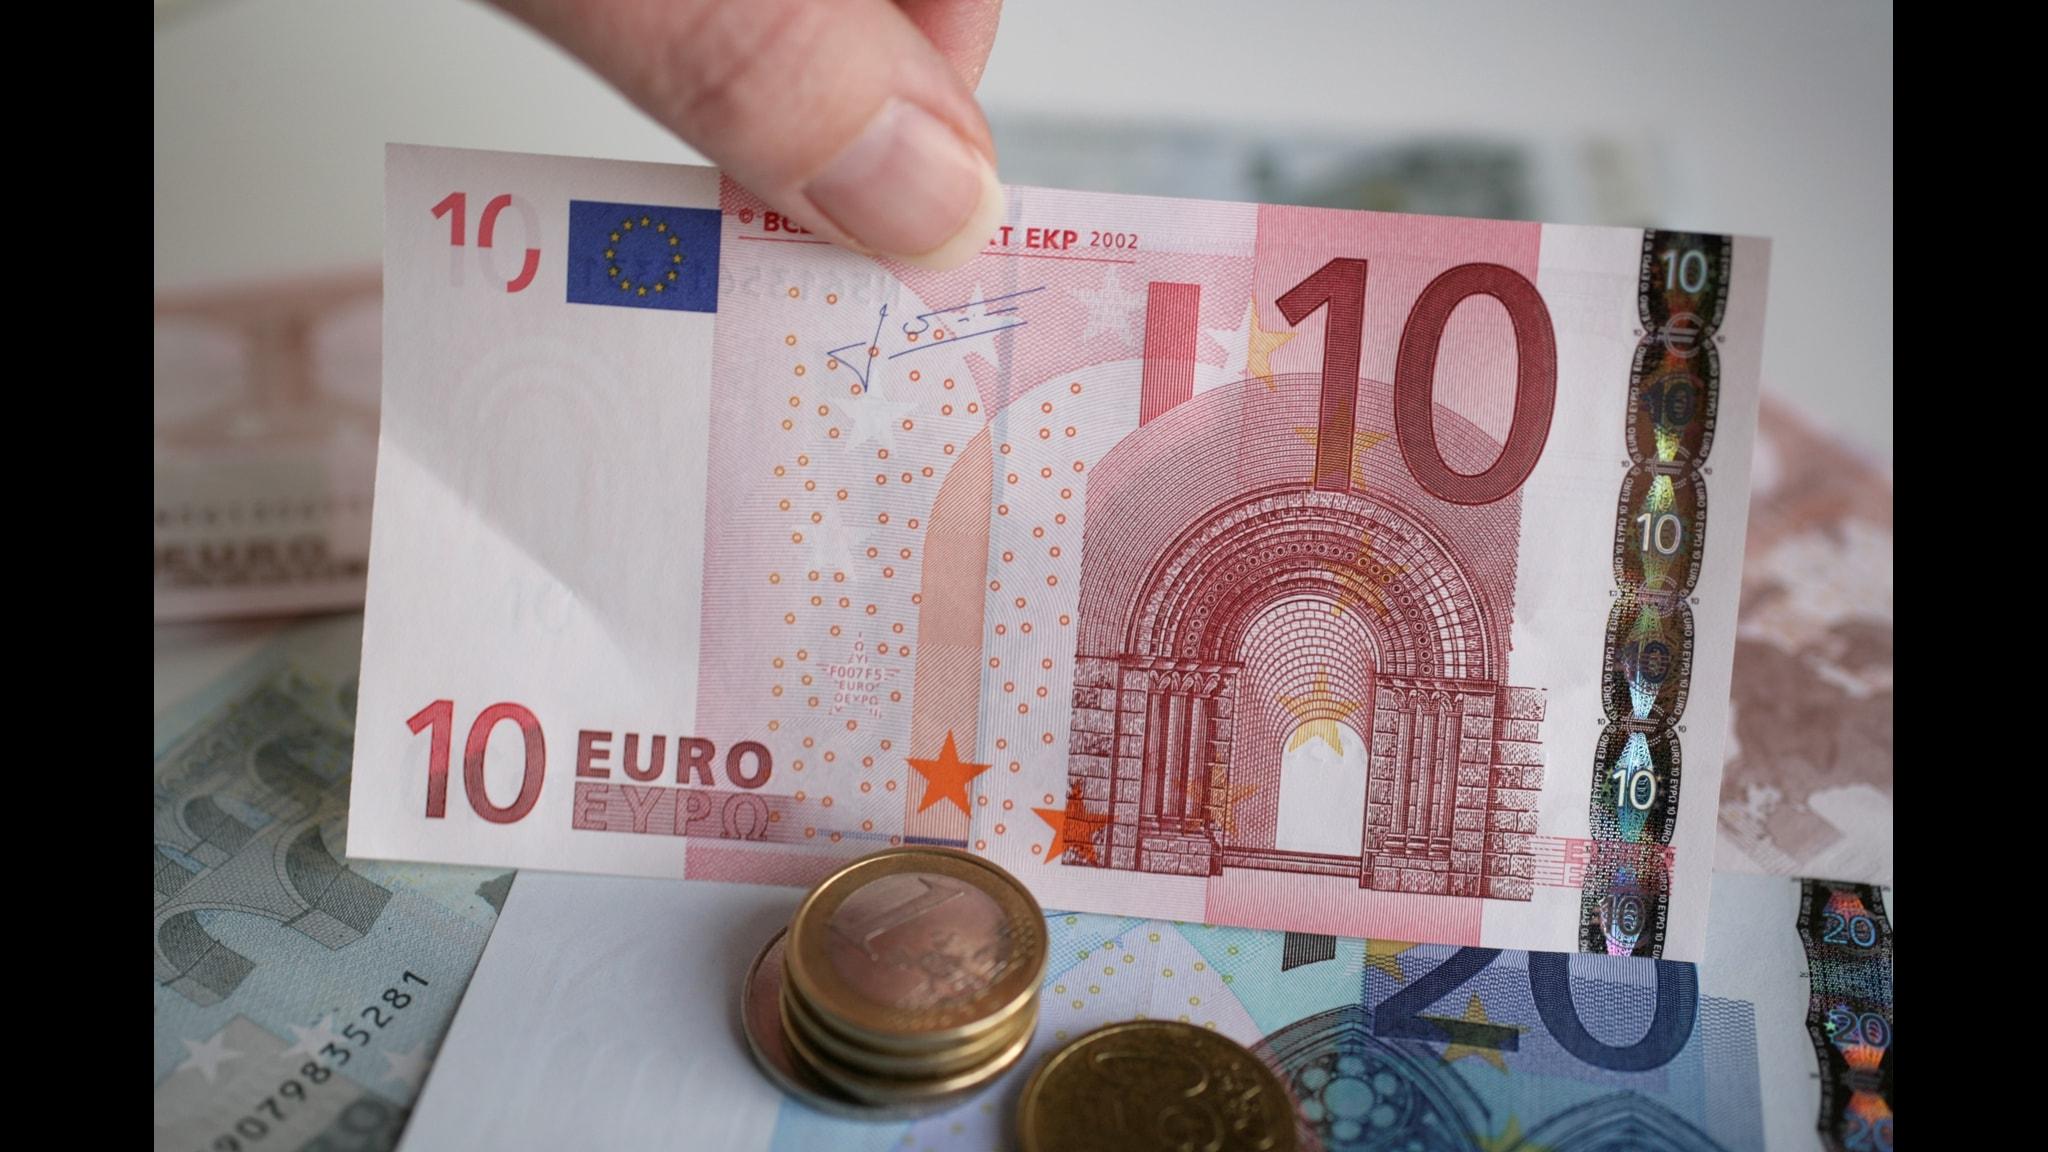 """""""Tvärtemot vad många tror, föreställer bilderna på eurosedlarna inte alls kända byggnader ur Europas historia."""""""